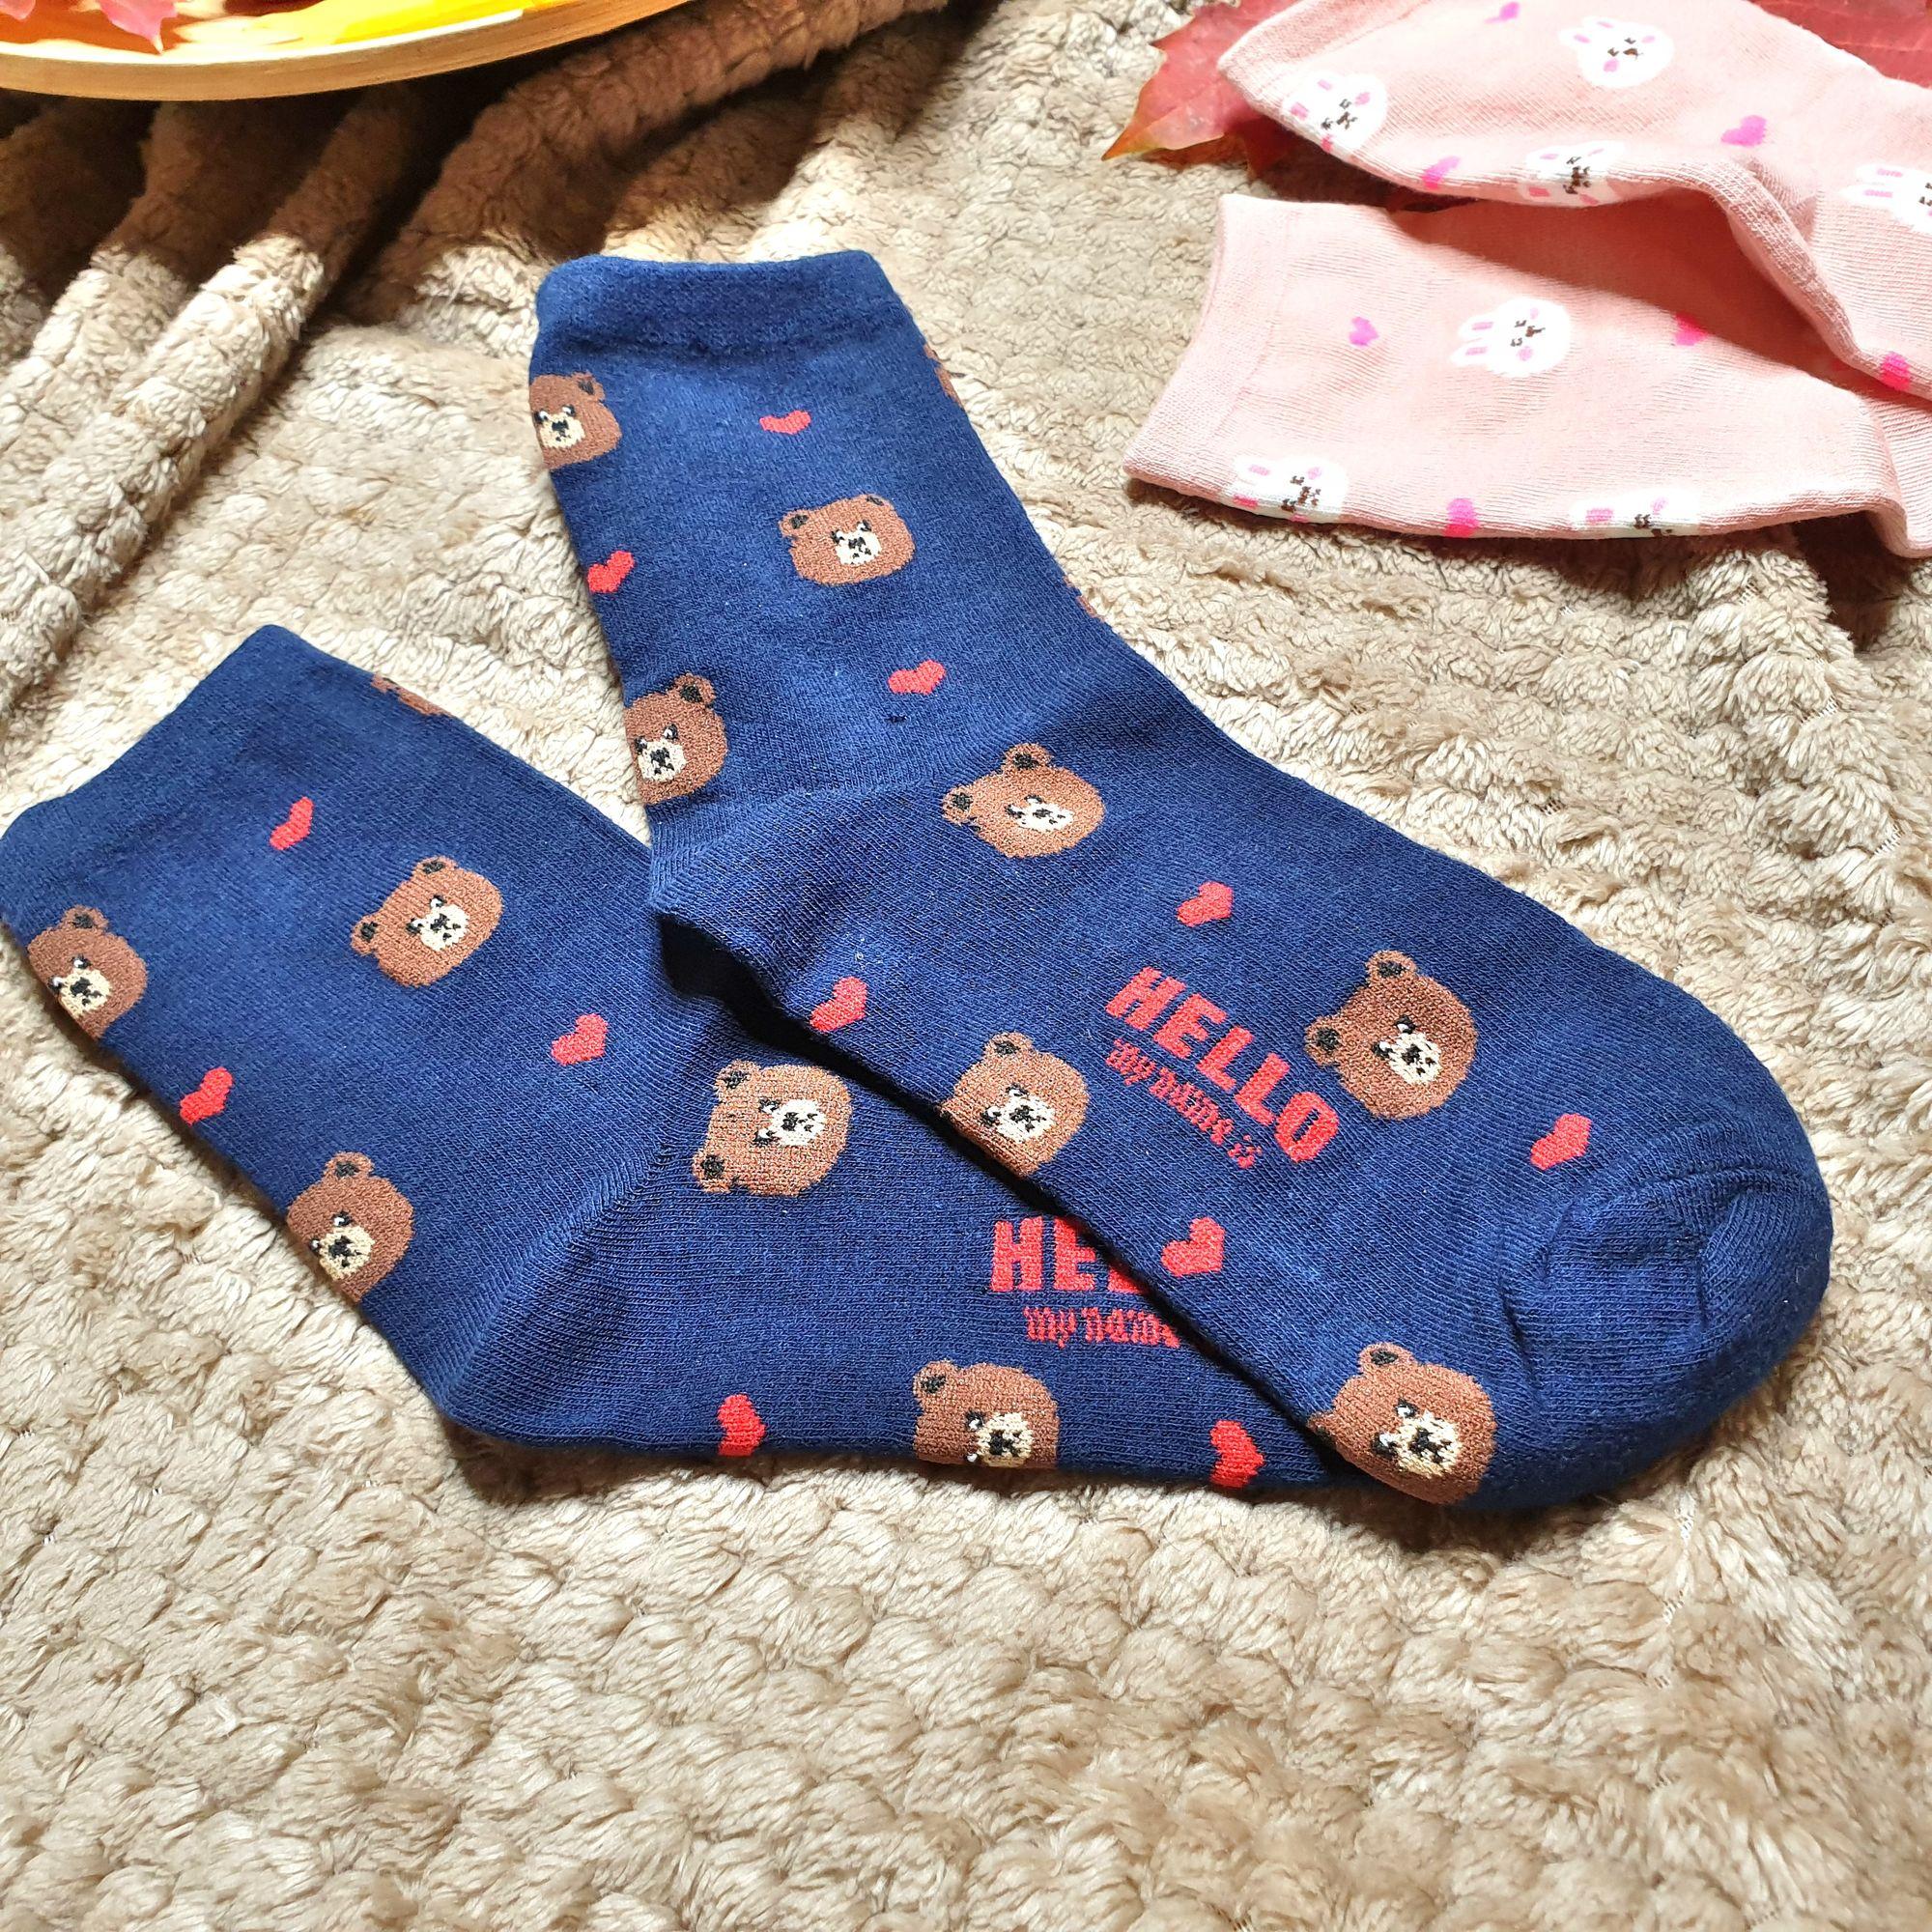 Забавные мягкие, эластичные и очень удобные носки - рекомендую